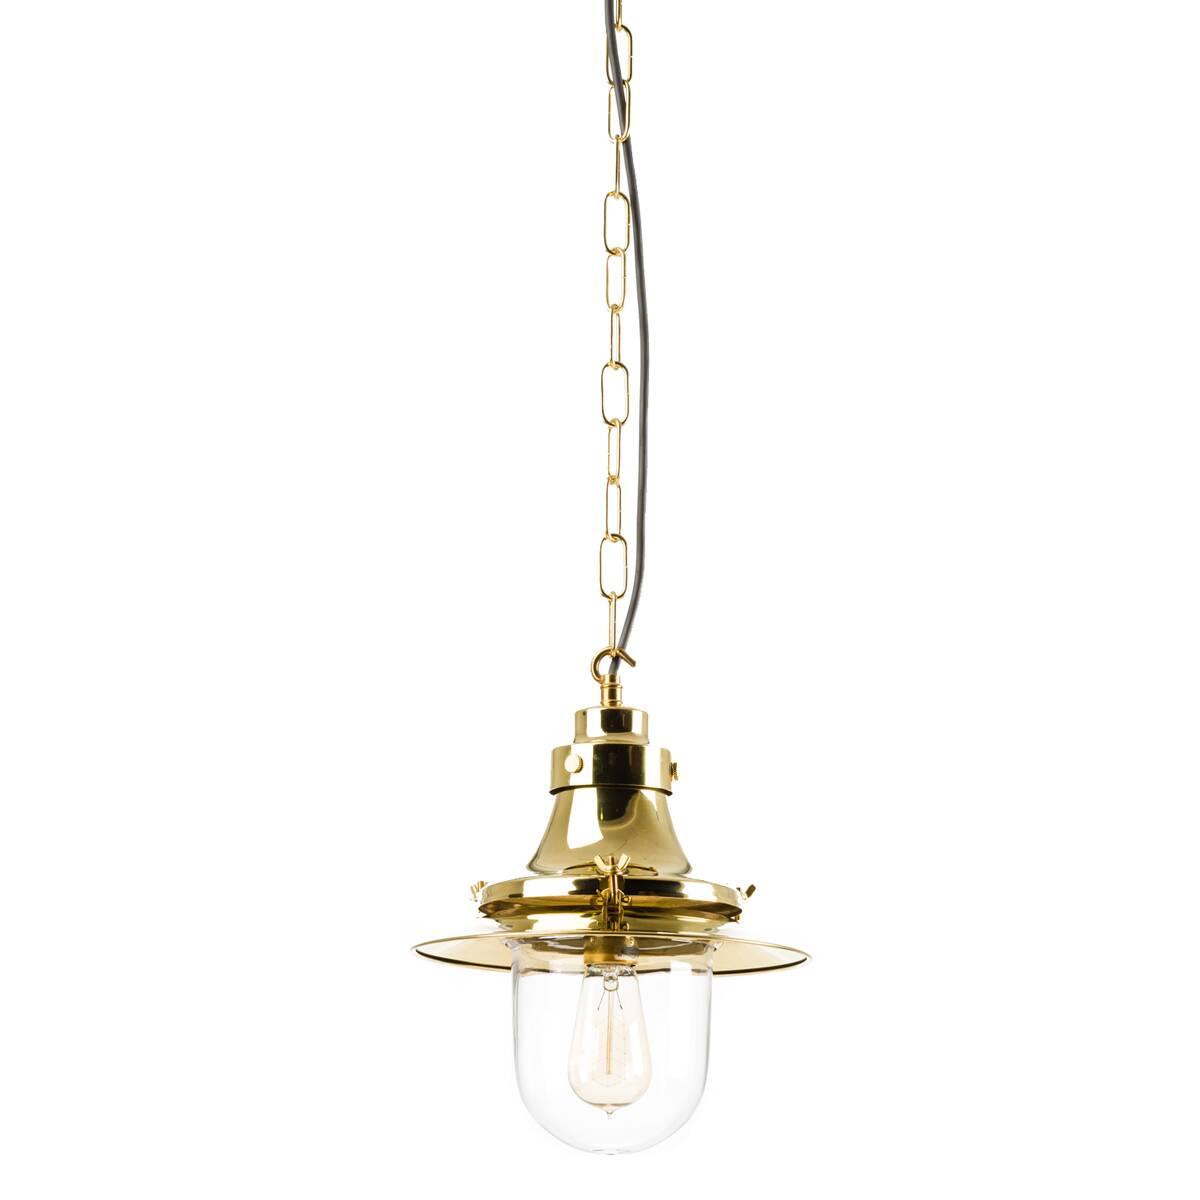 Подвесной светильник Small Decklight